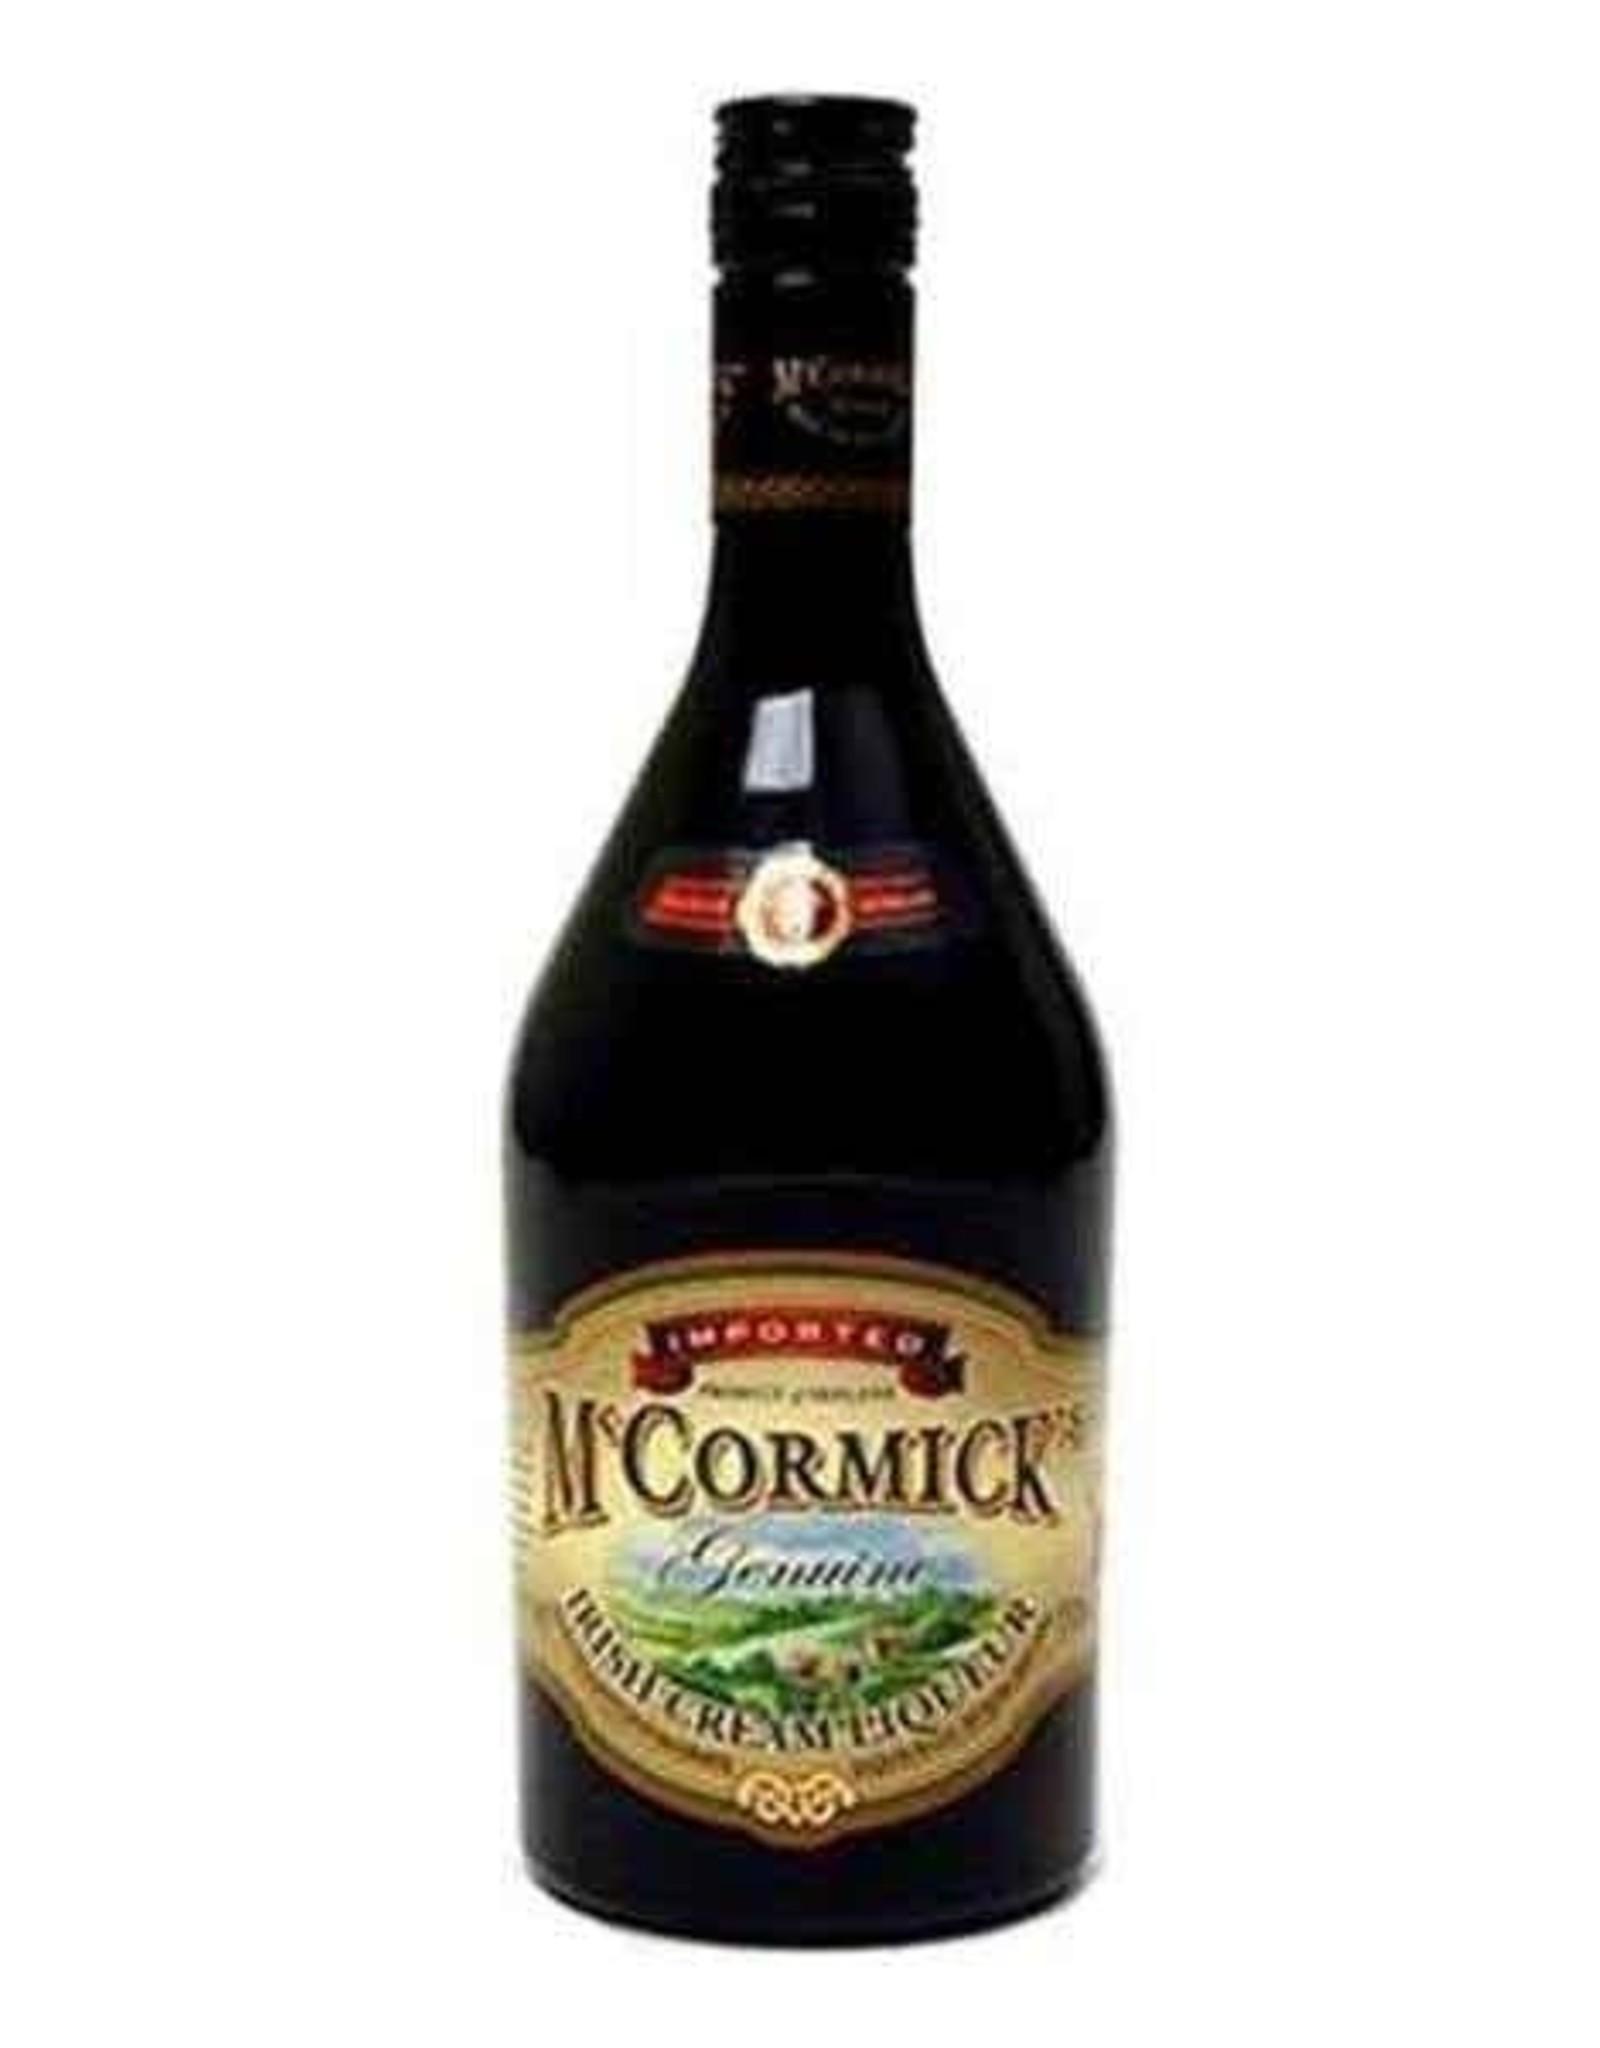 MCCORMICK IRISH CREAM LIQUEUR 750mL